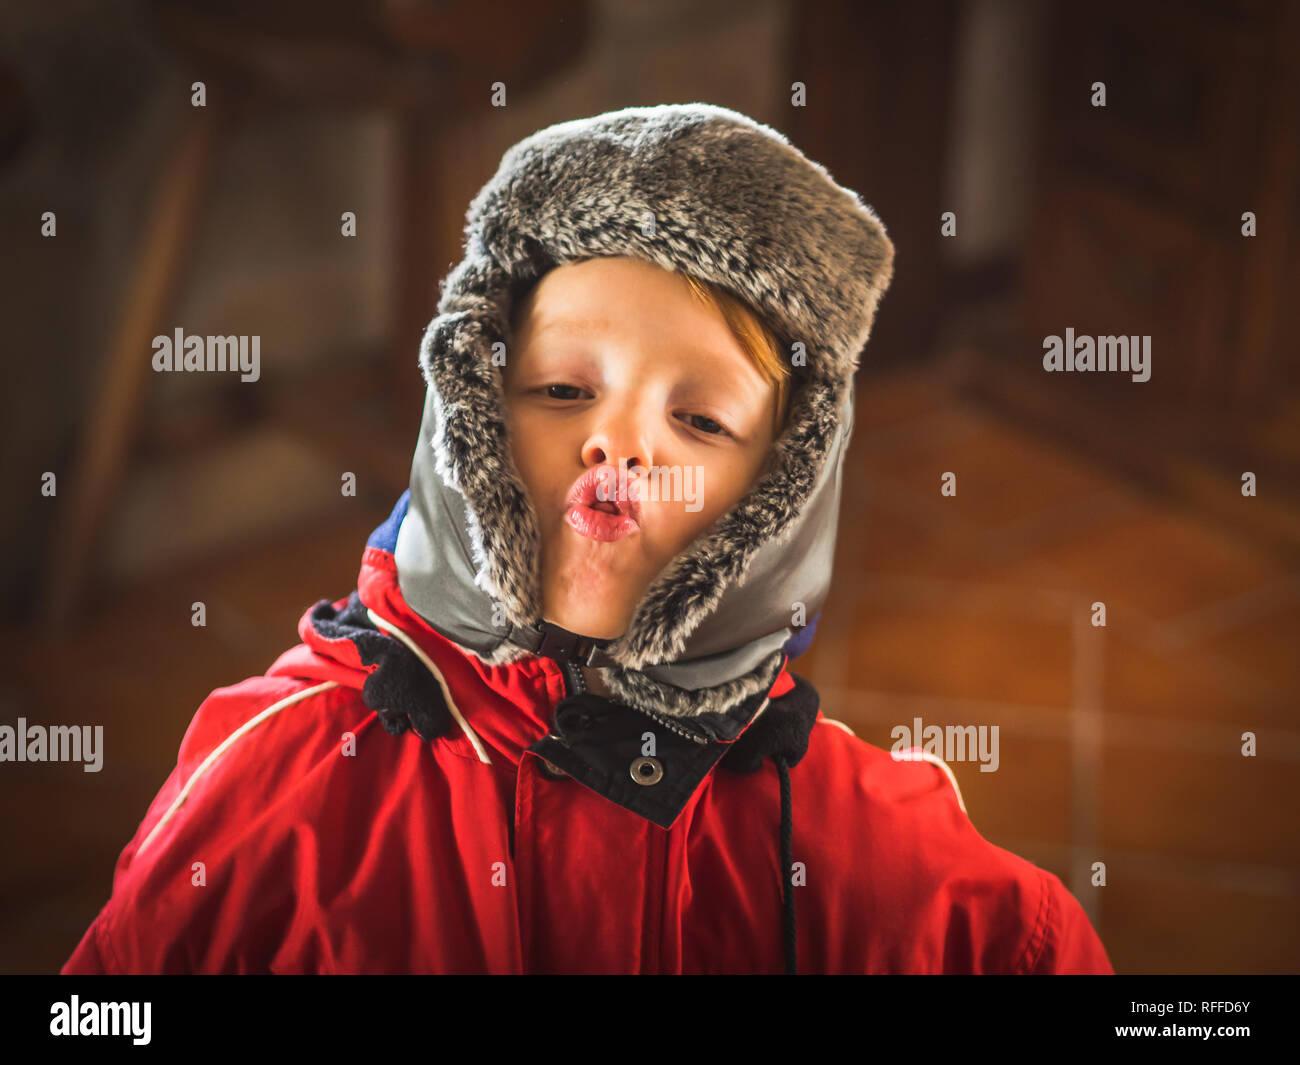 b1c81ff1d Snowsuit Stock Photos   Snowsuit Stock Images - Page 2 - Alamy